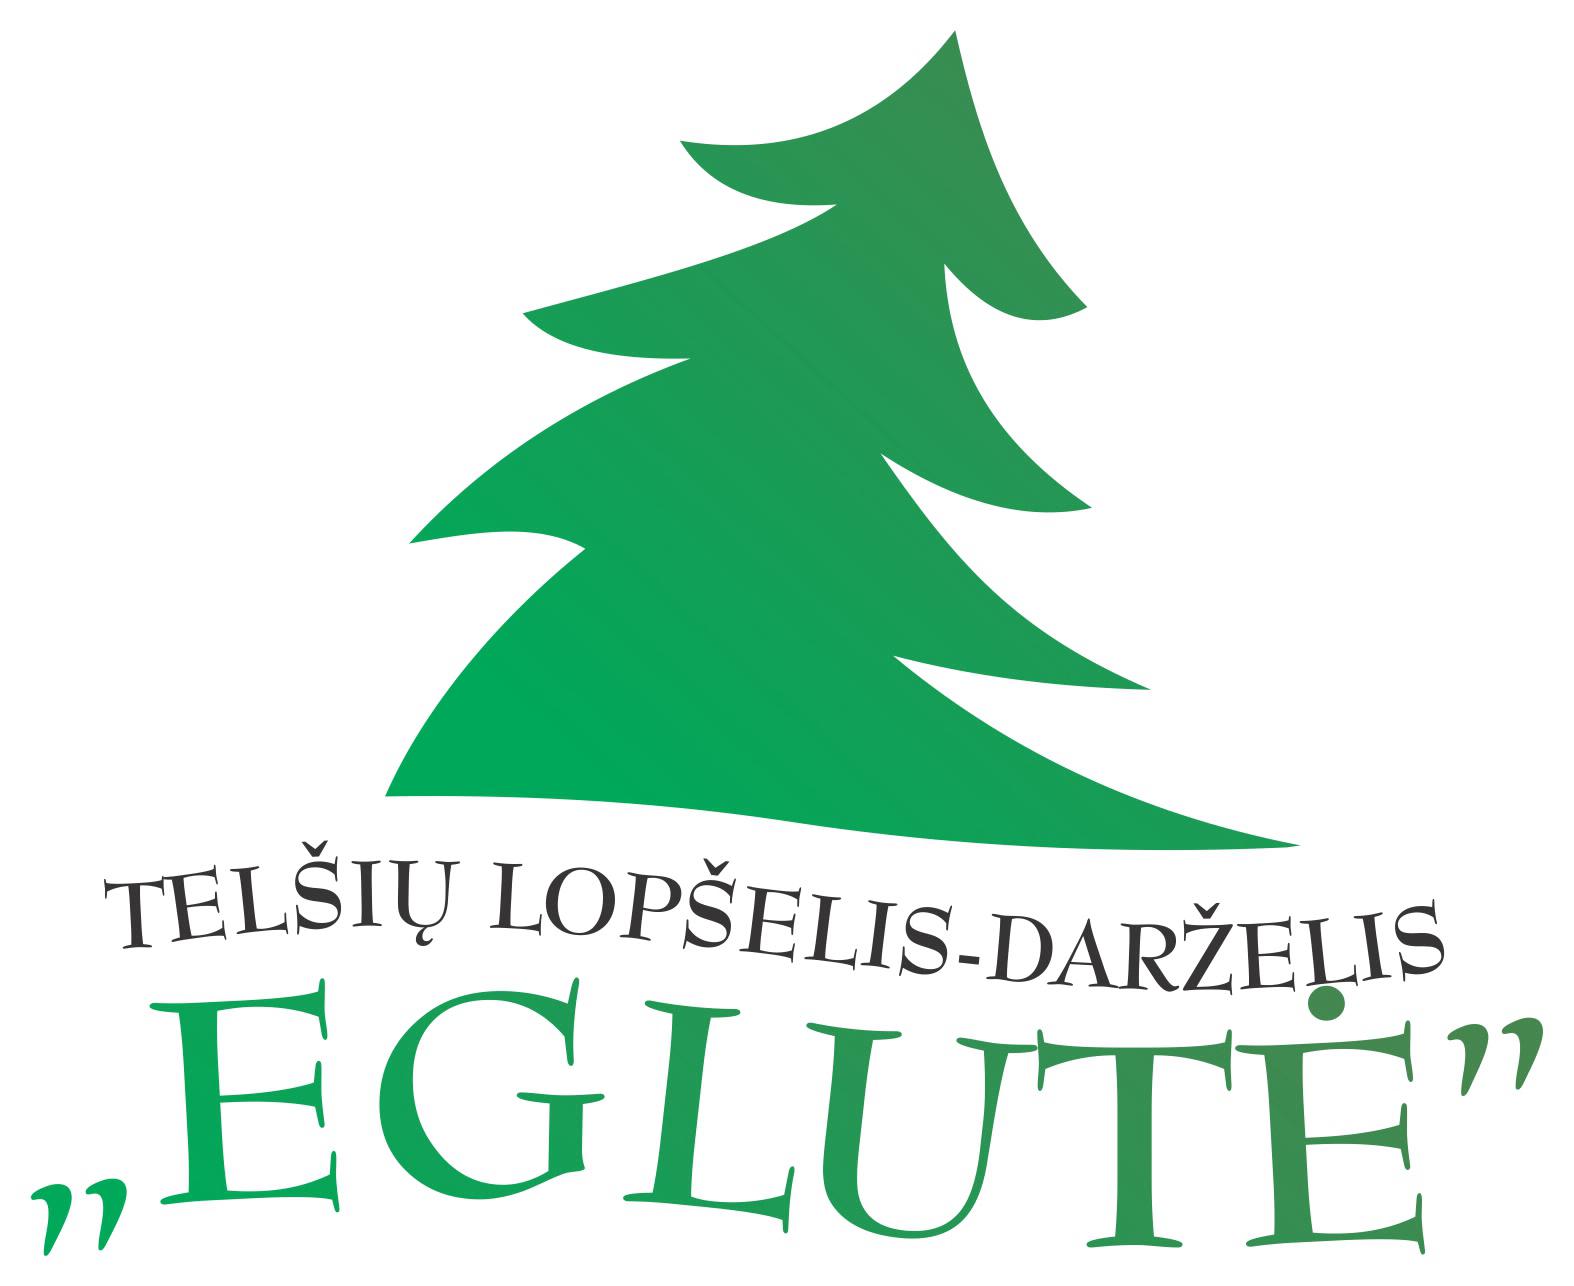 www.egluteld.lt